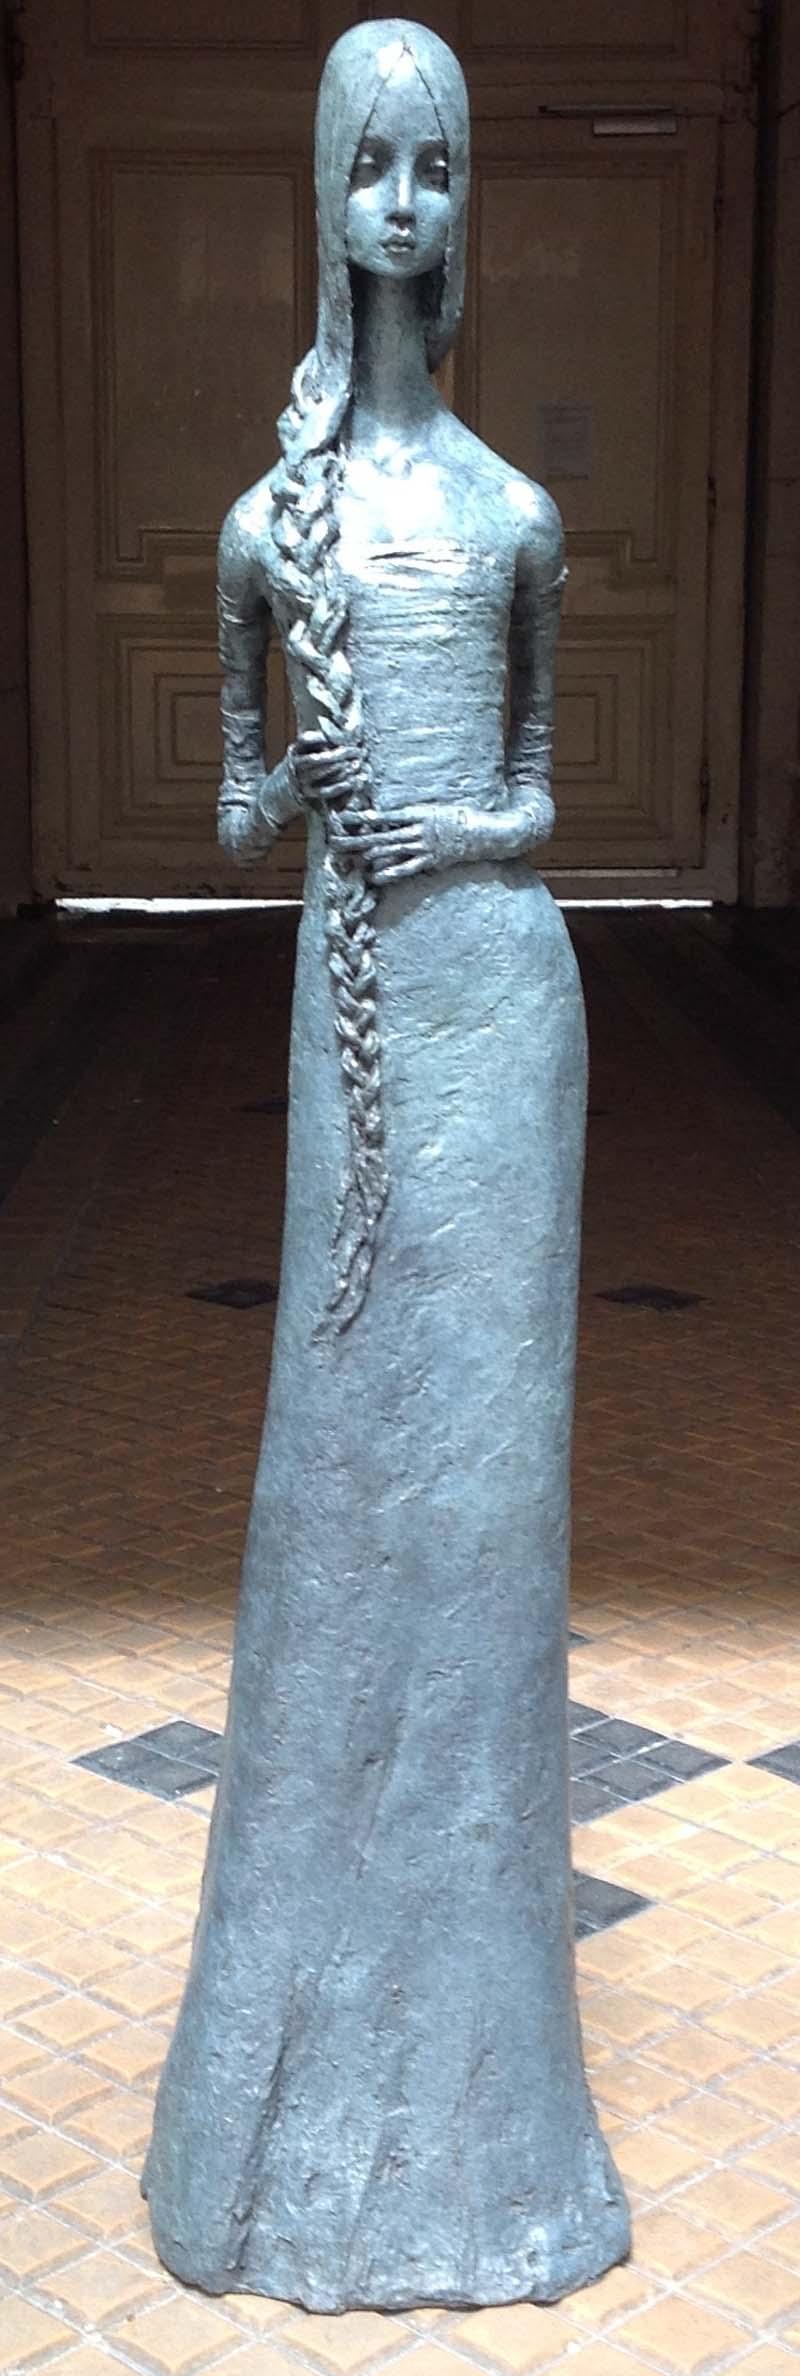 Valérie Hadida - Mademoiselle M.